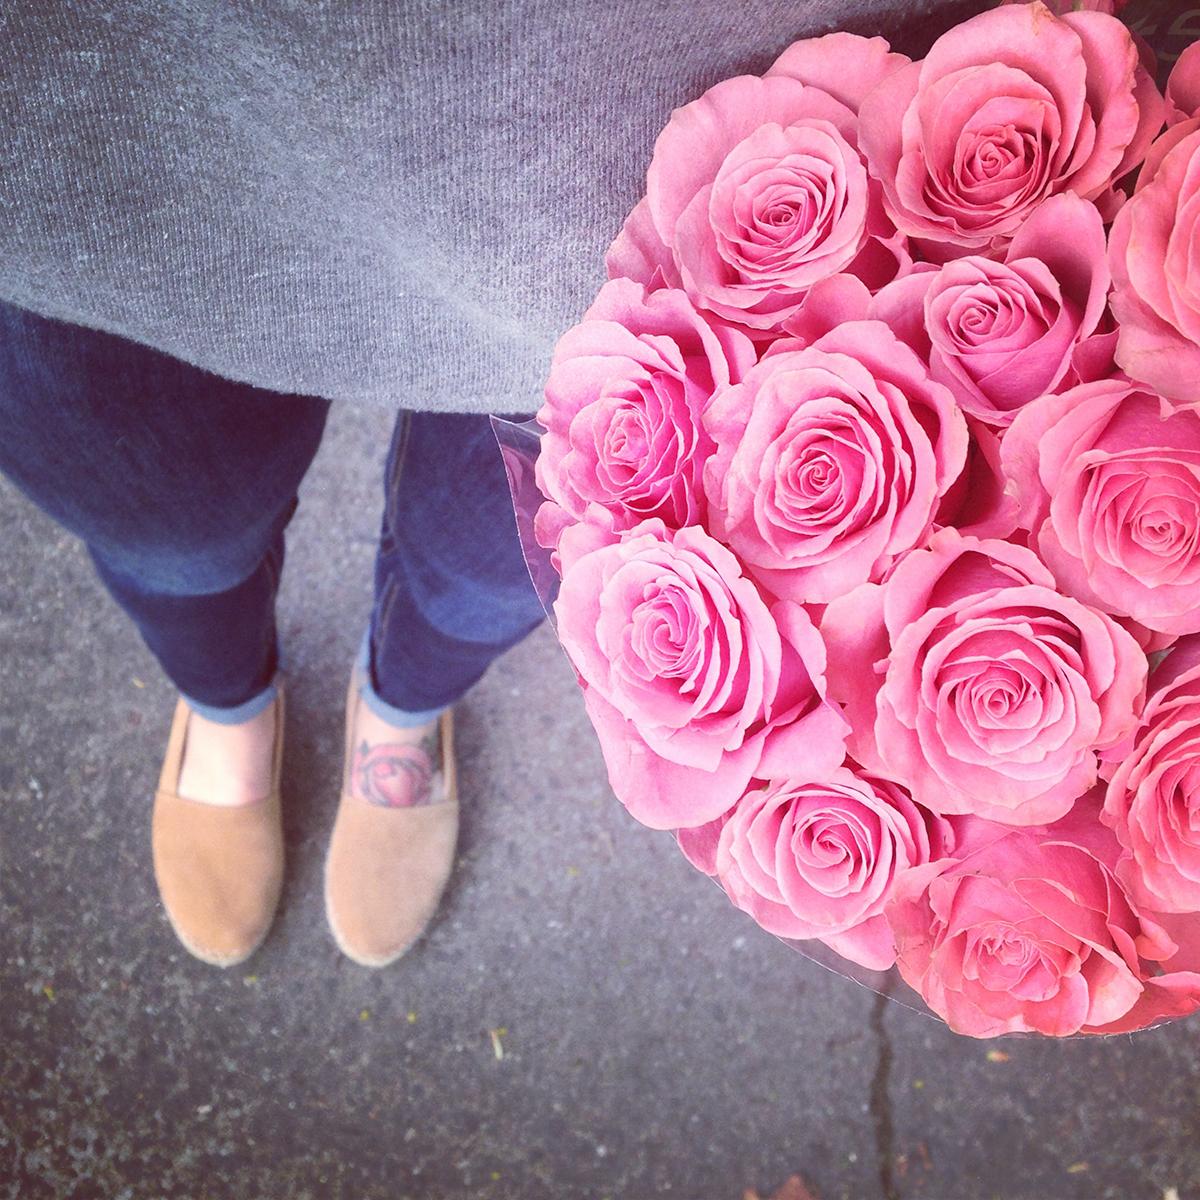 7things_17_flowers